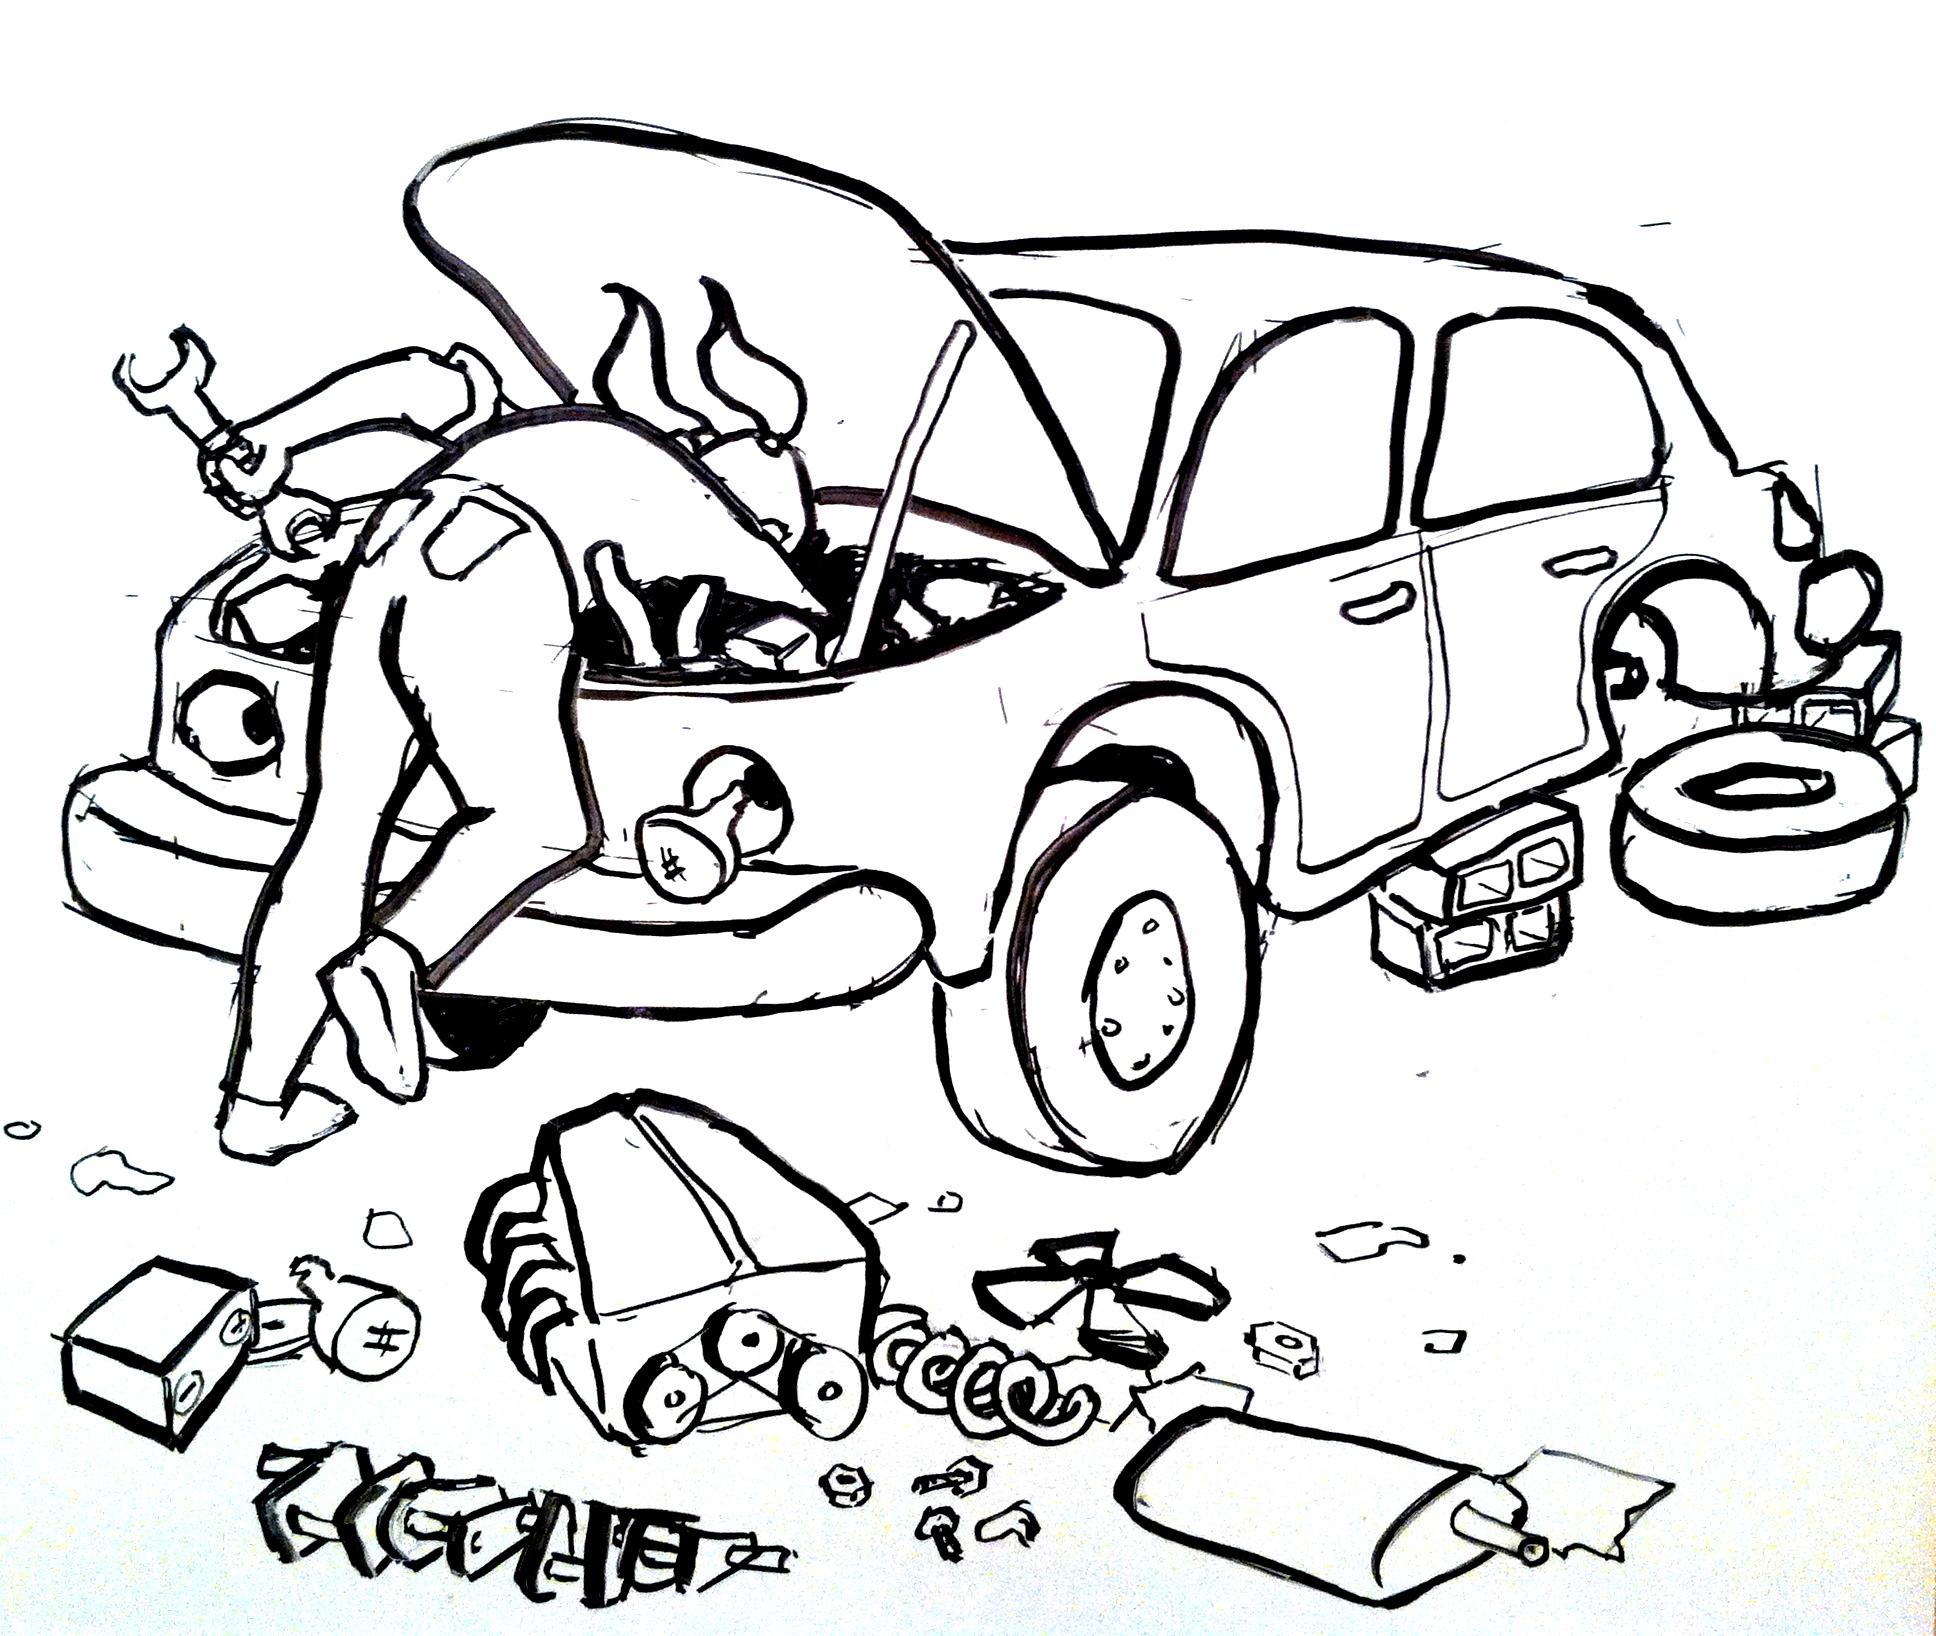 1936x1636 On Car Repair And Rewrites Writers' Rumpus